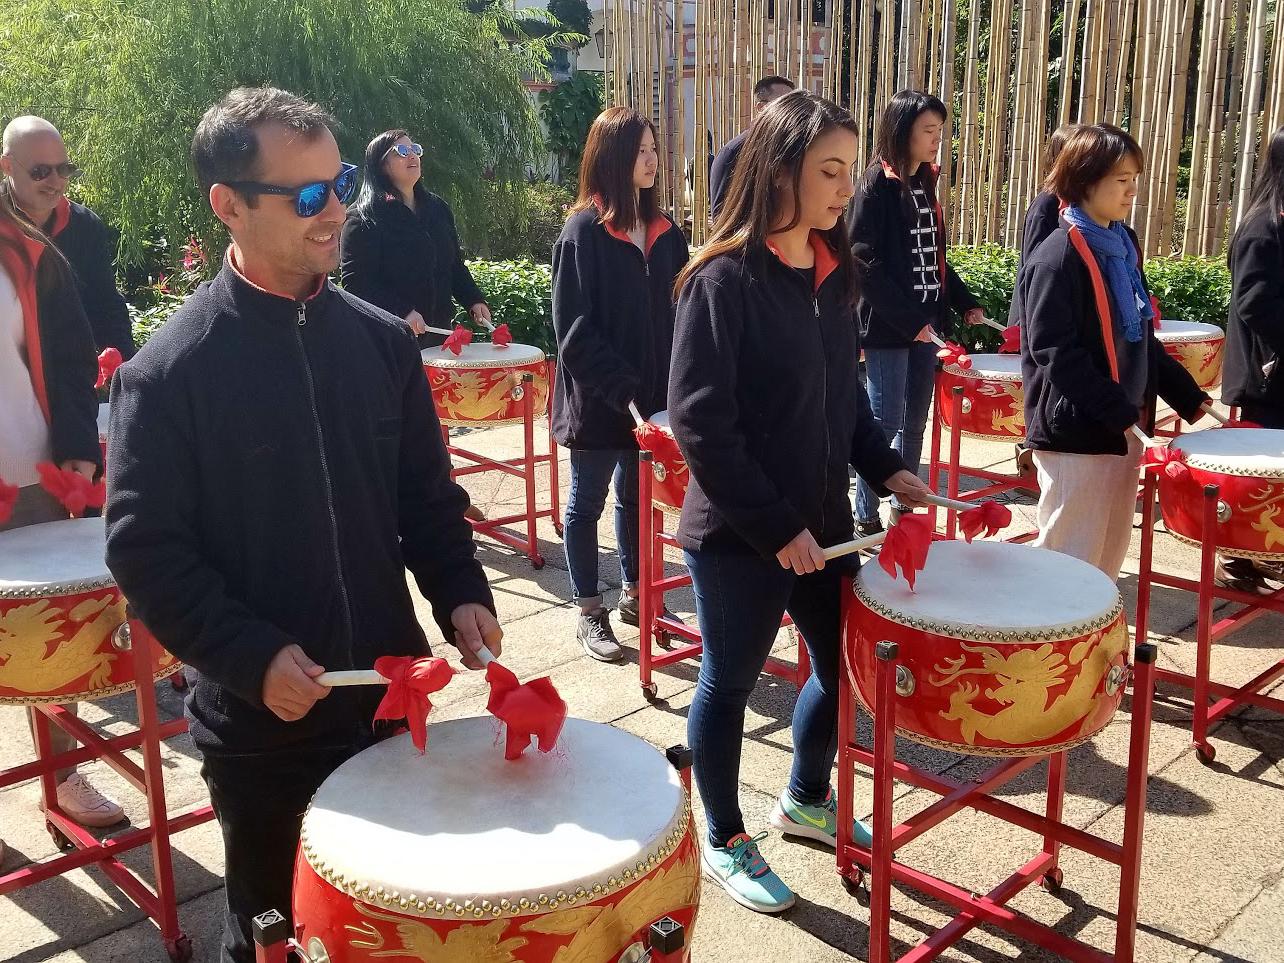 Team Bonding - drumming team building in Macau